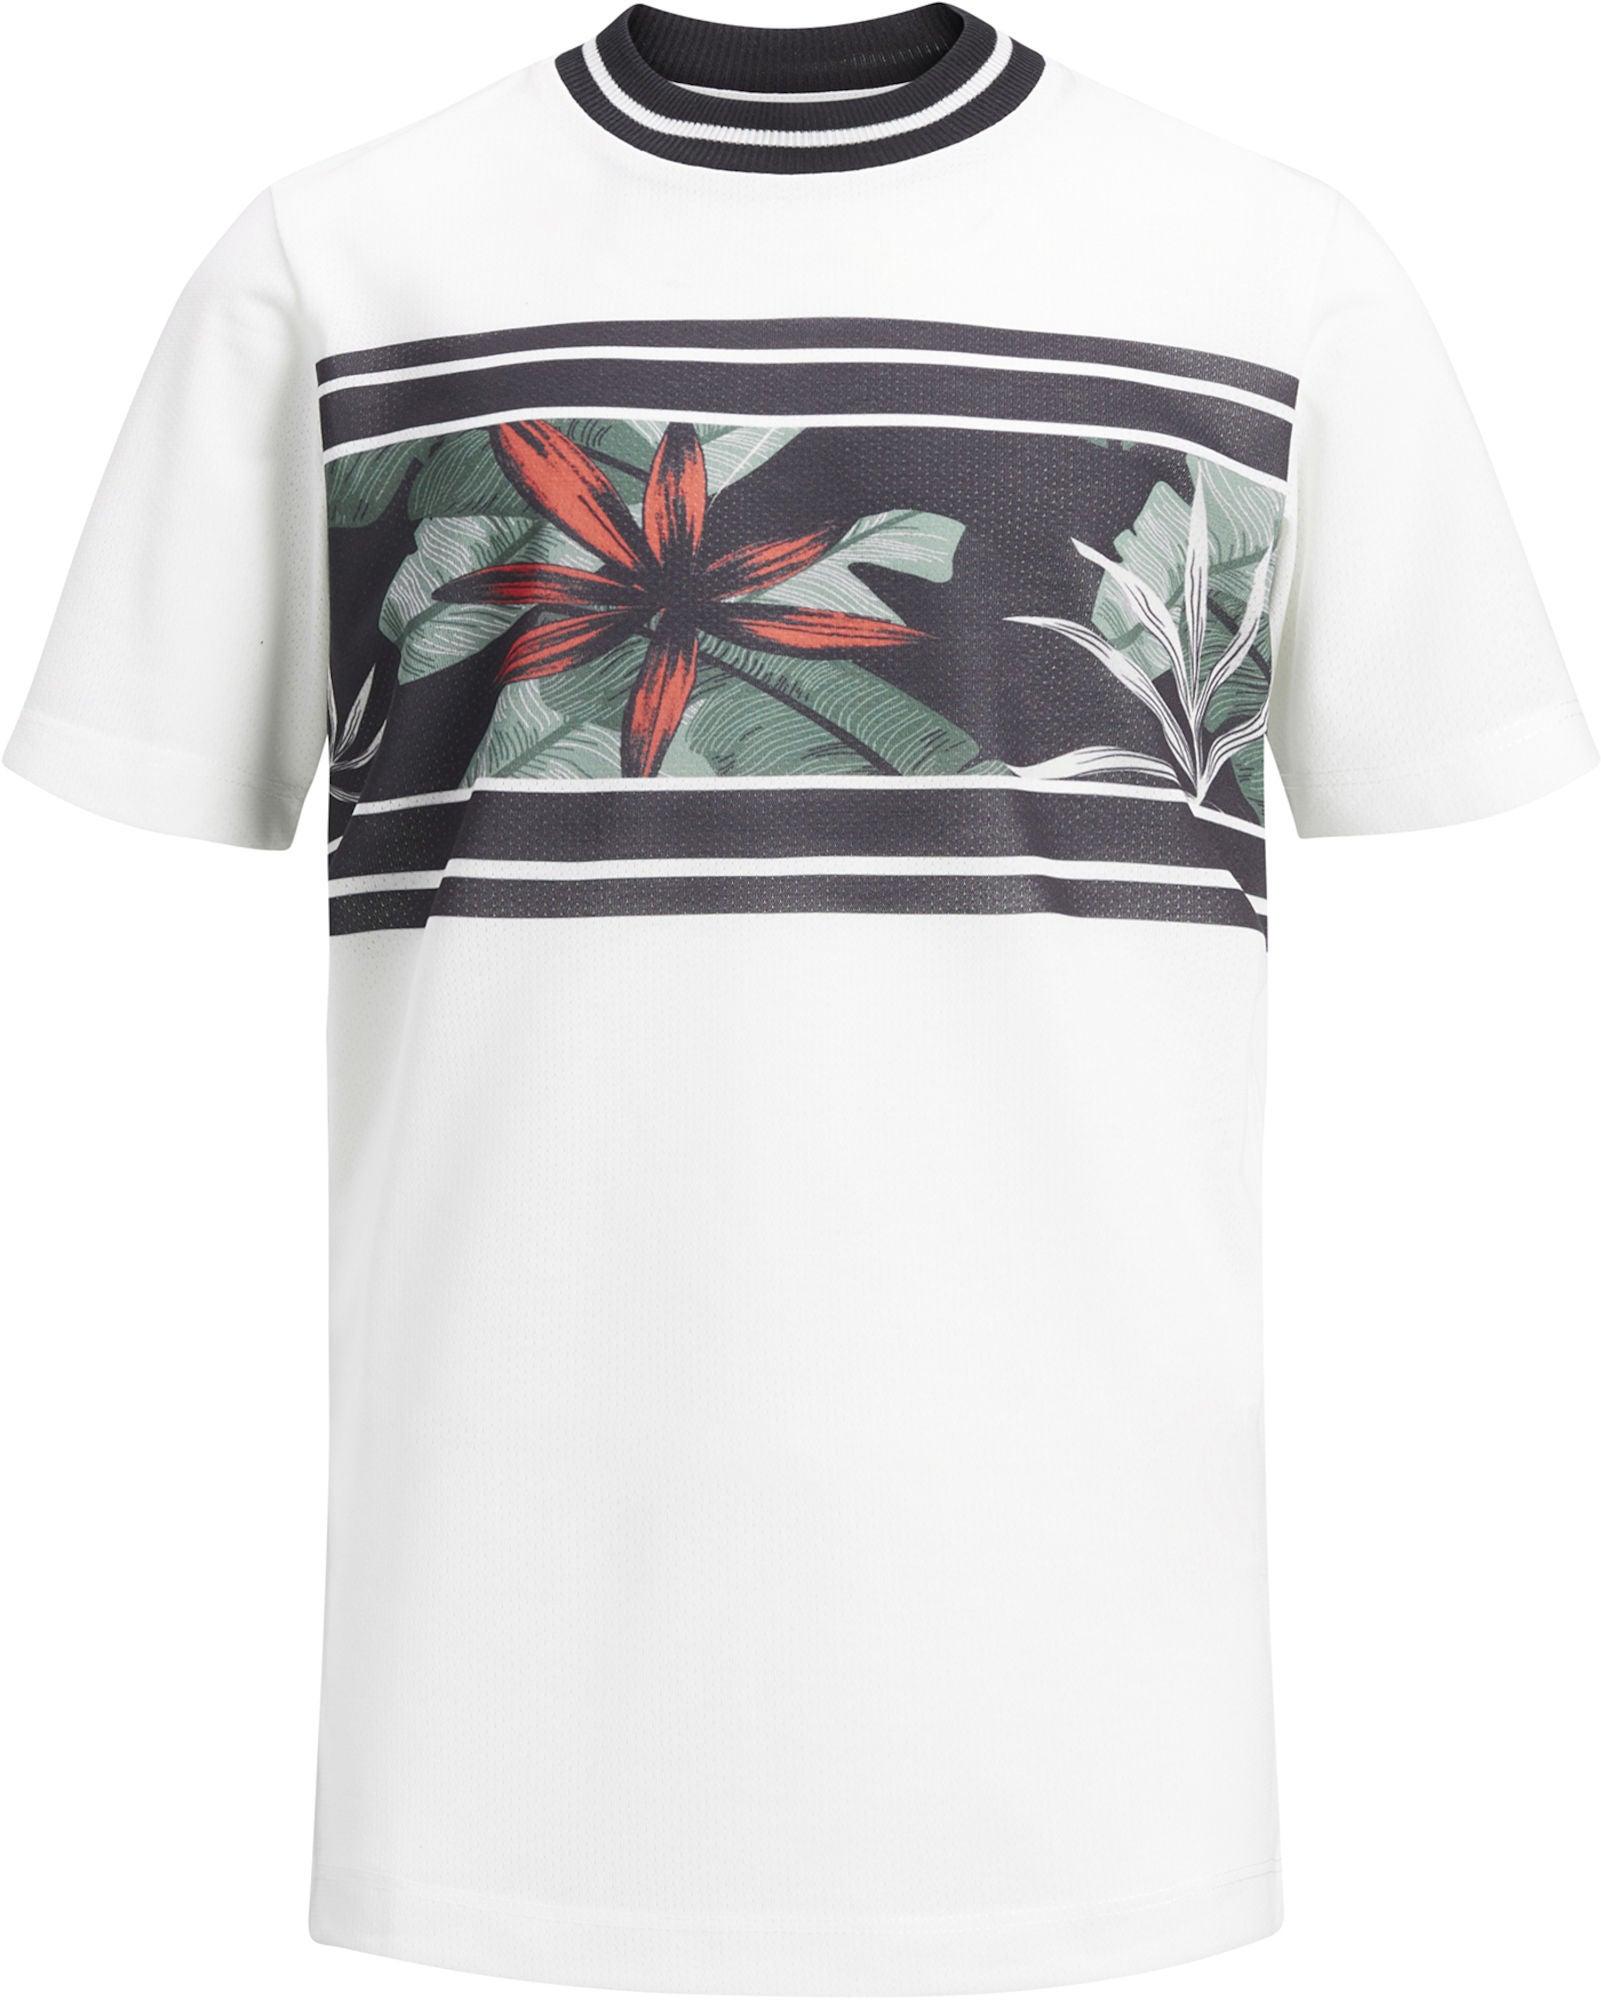 Jack & Jones Meshleaf T-Shirt, Cloud Dancer 140